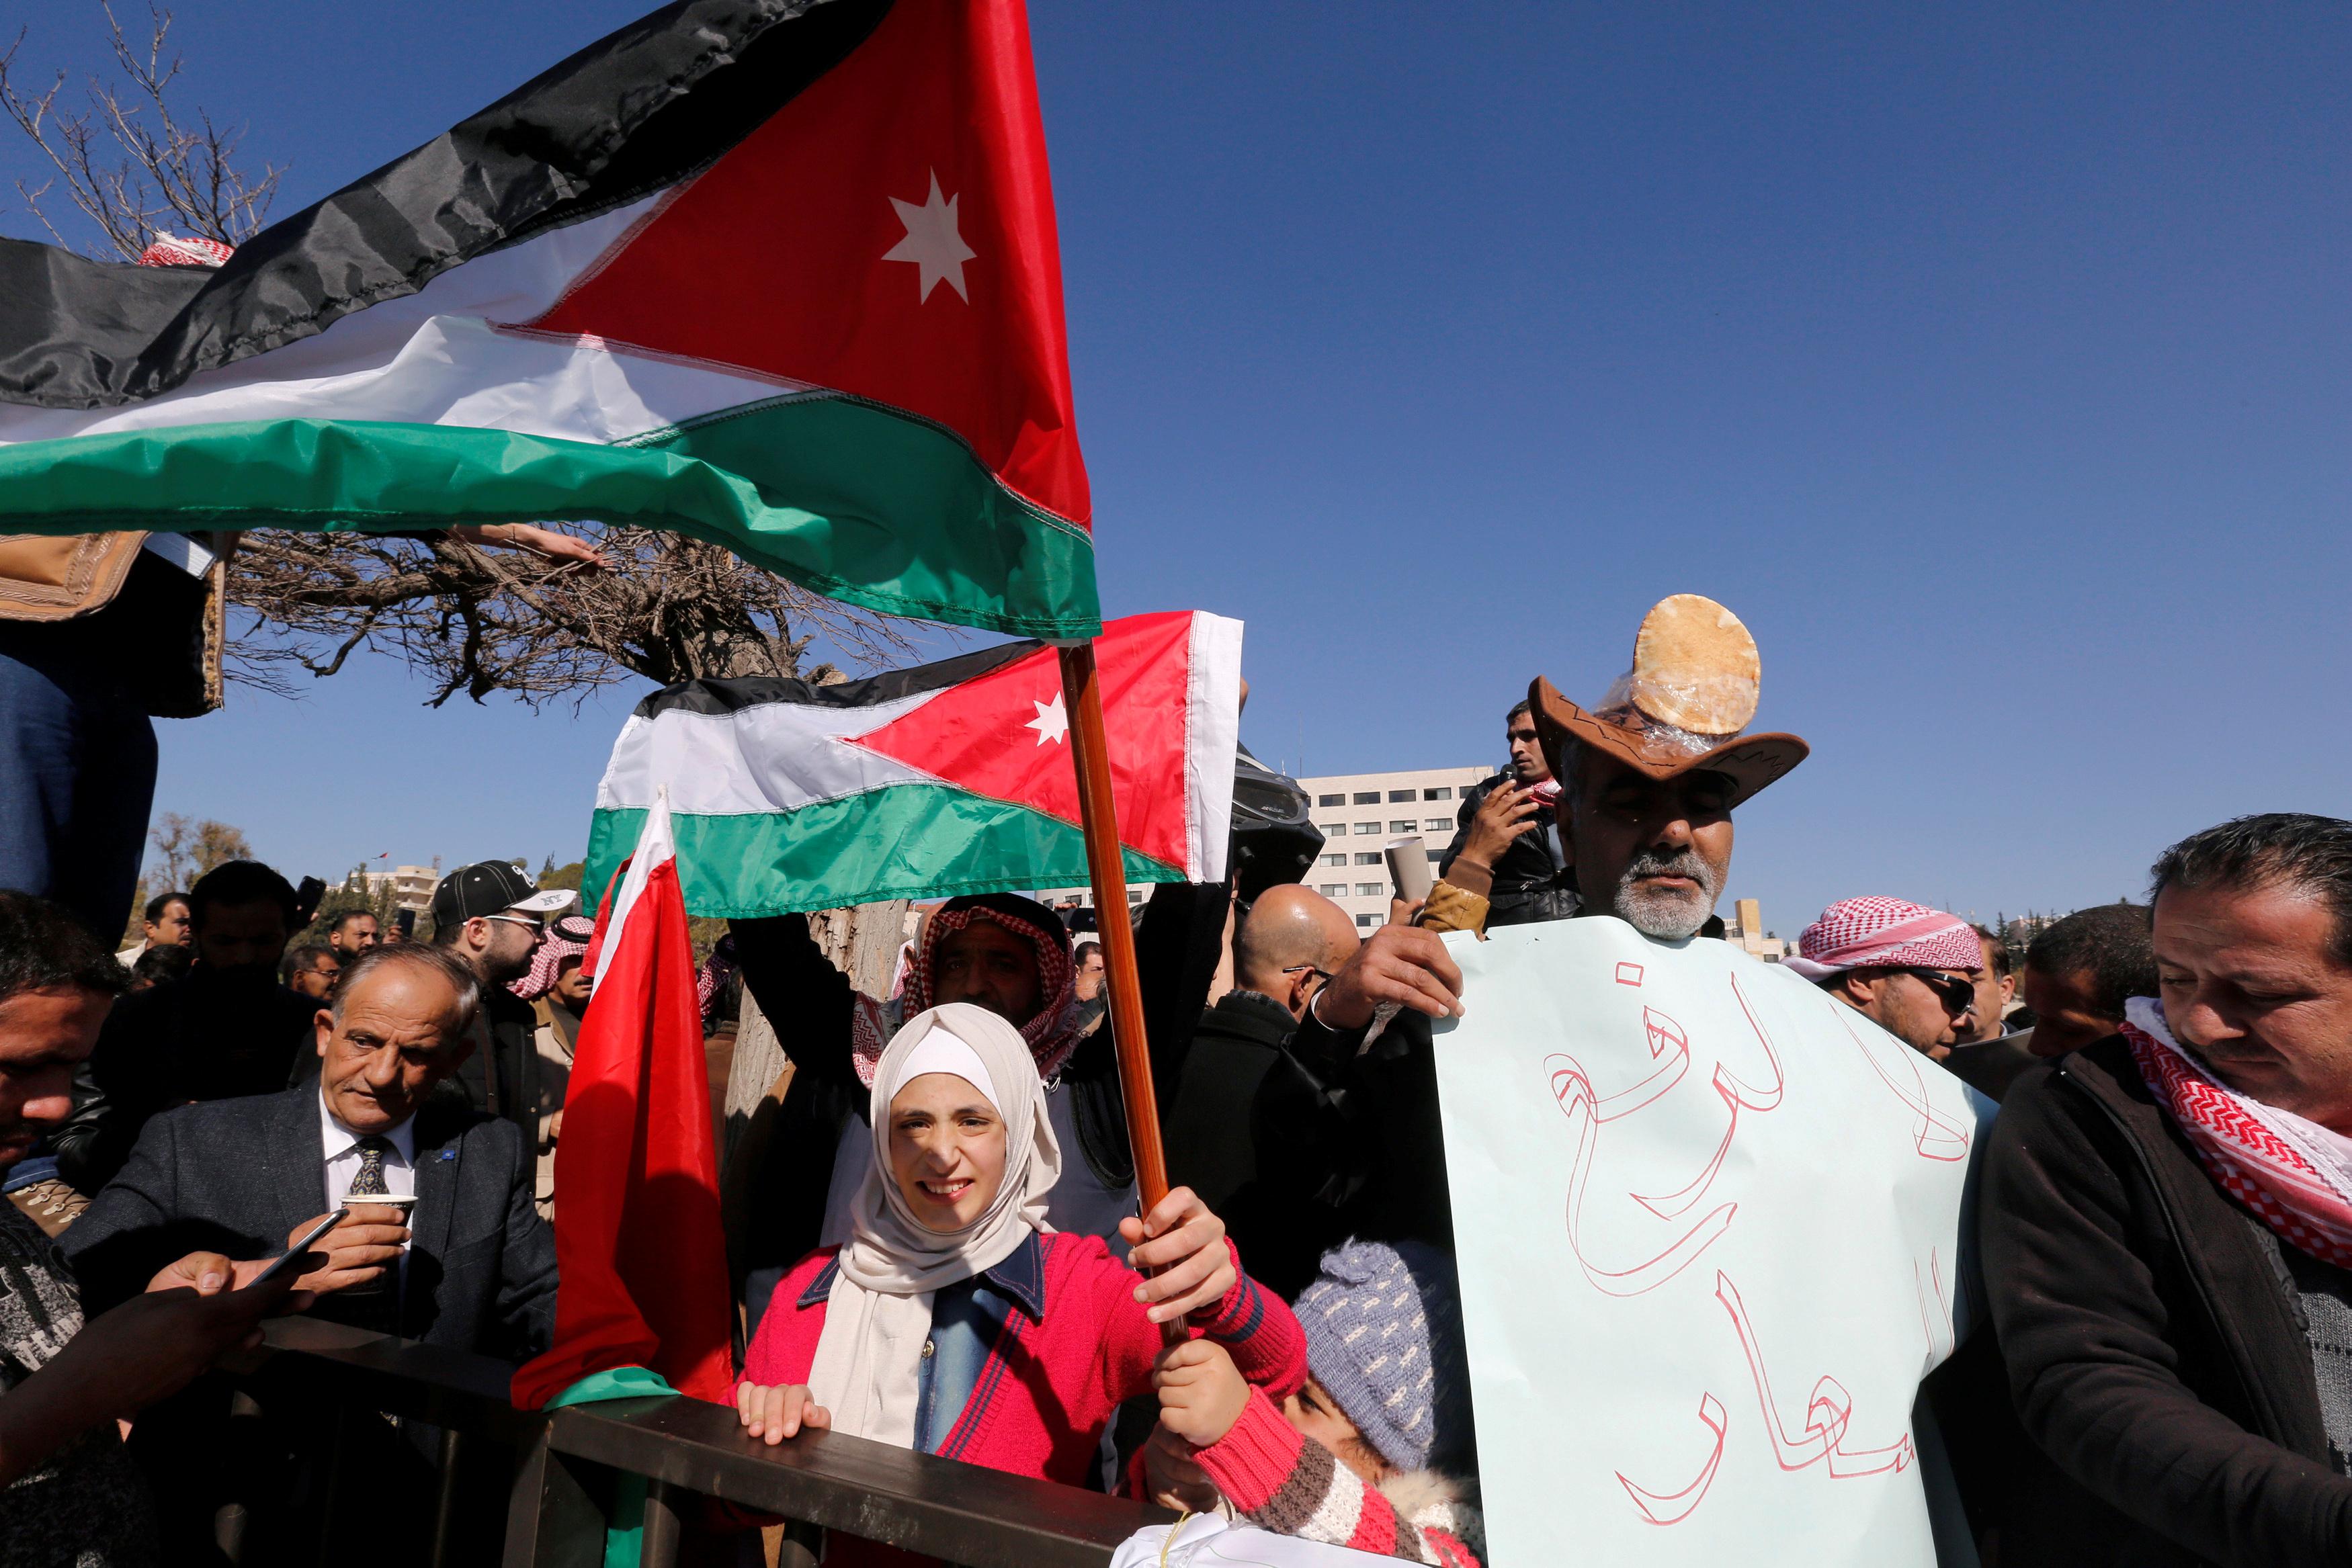 احتجاجات ضد ارتفاع الأسعار فى الأردن